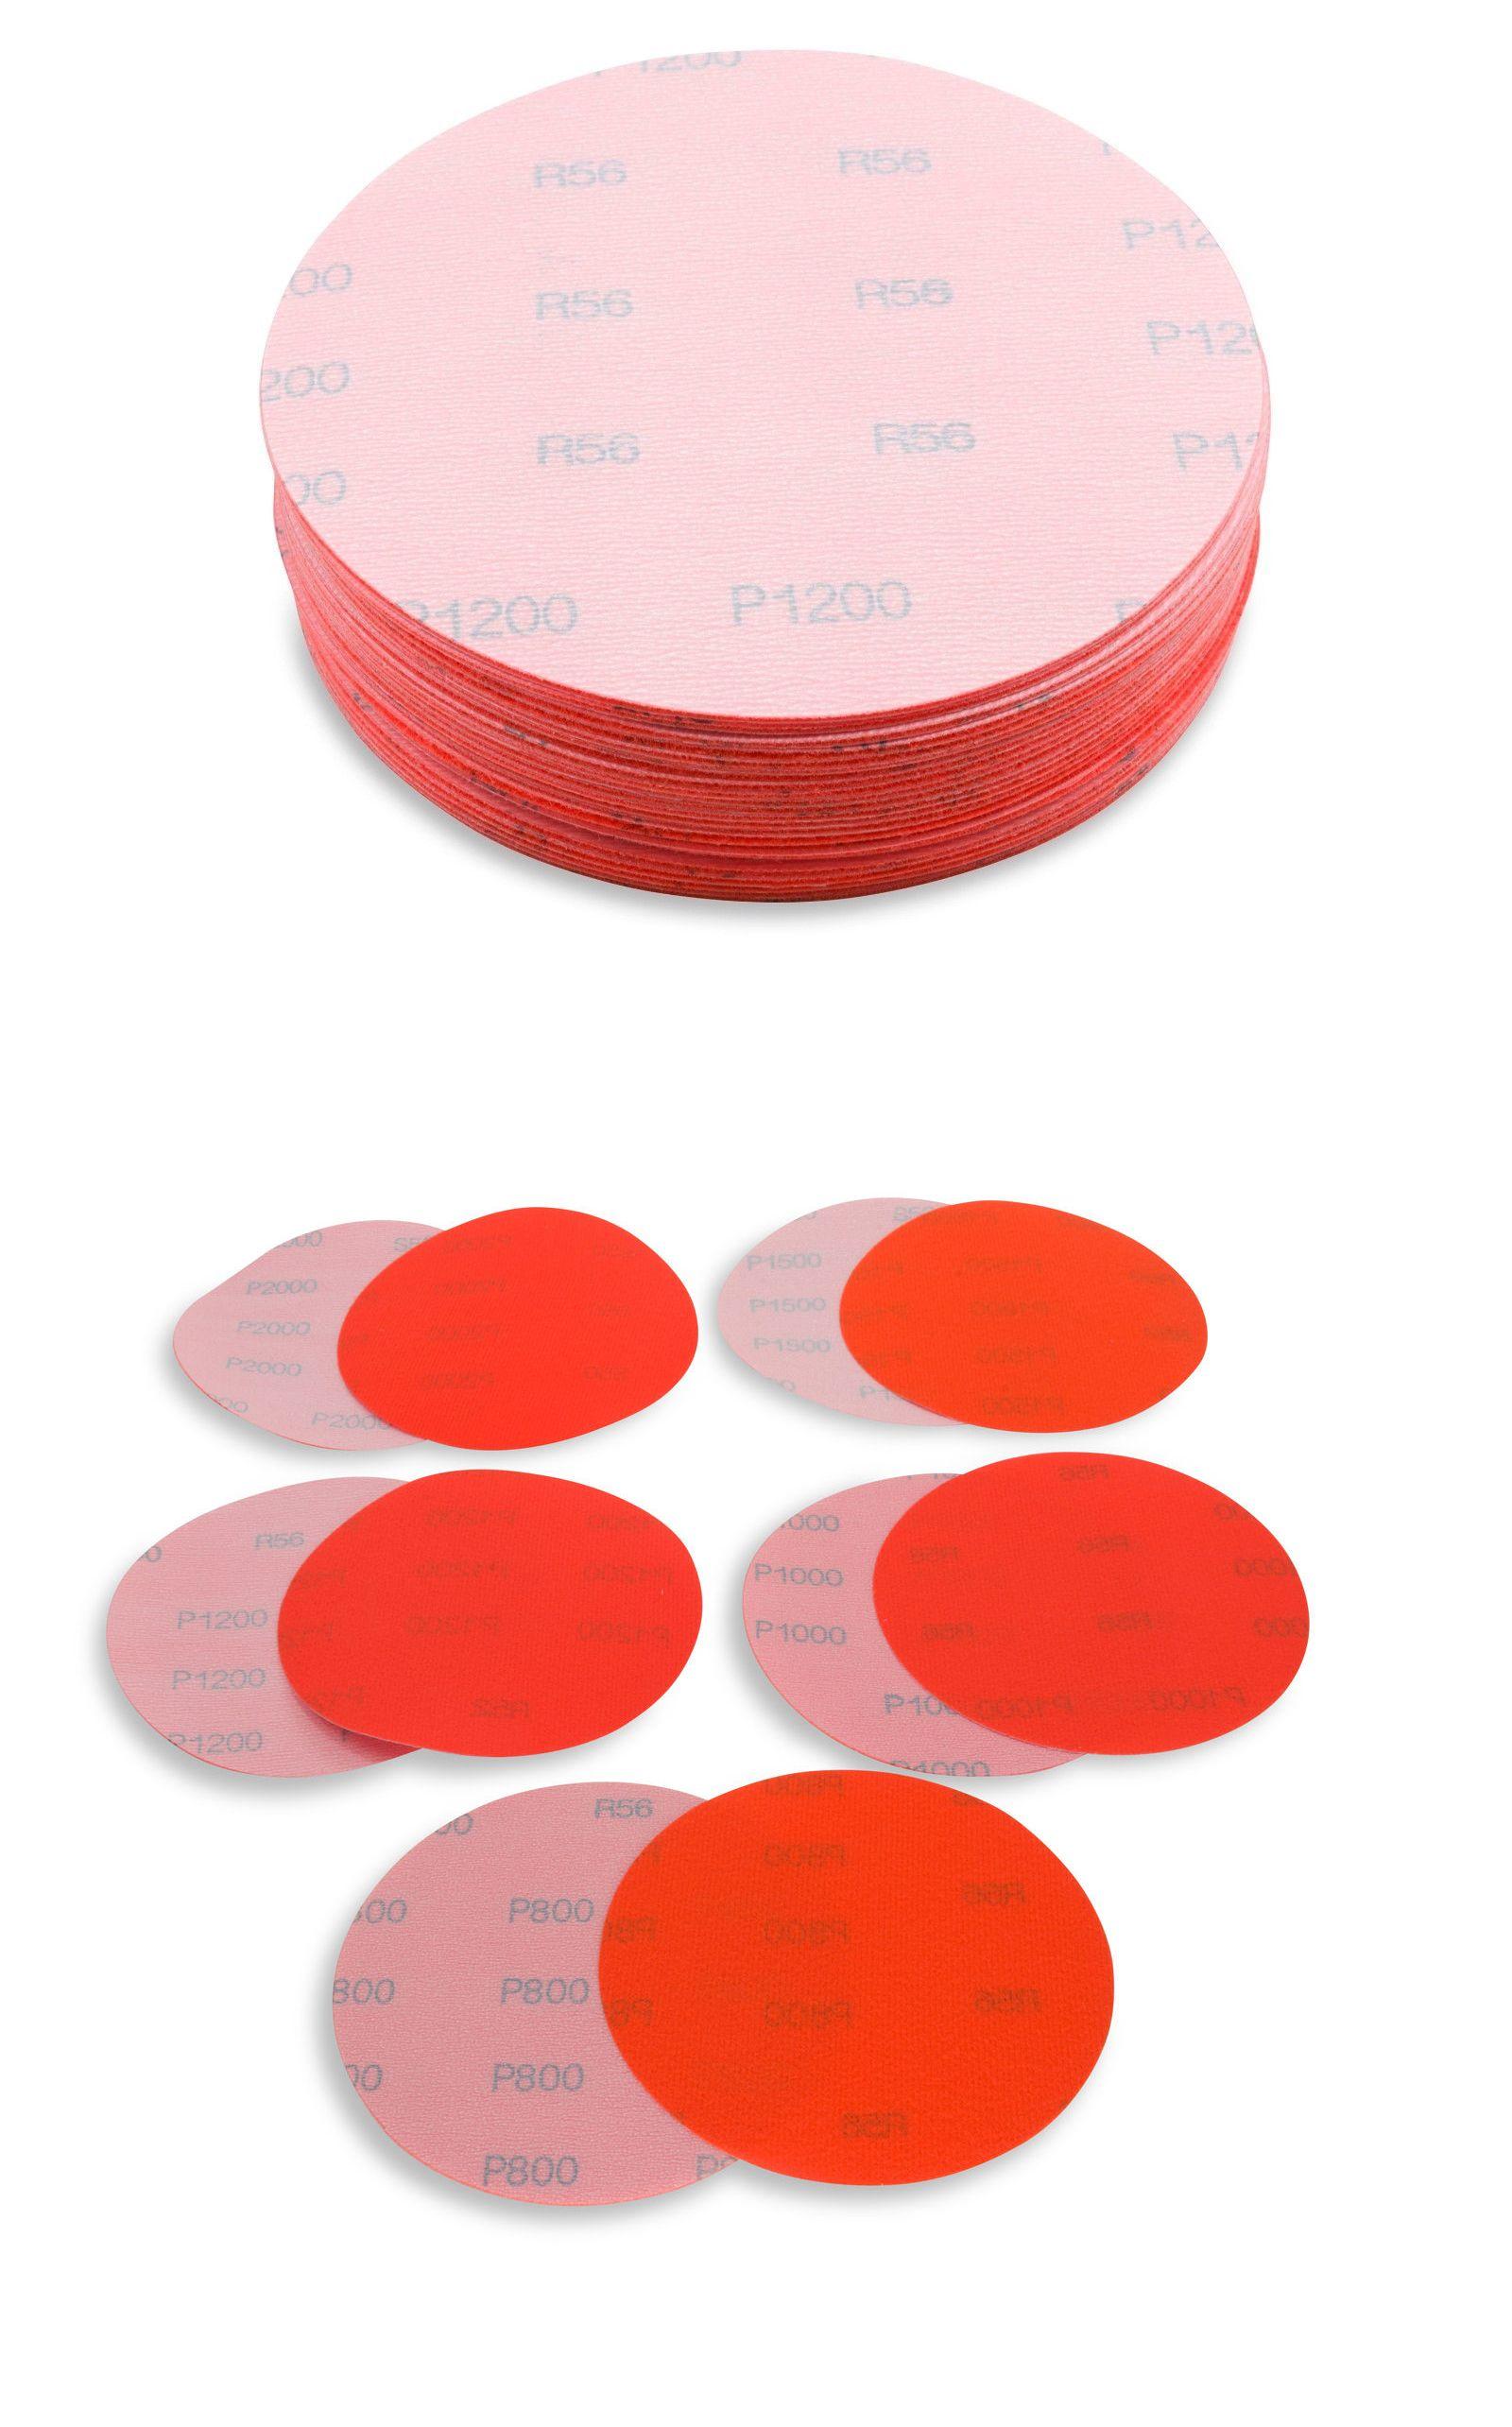 Sander Parts And Accessories 20796 50pcs 7 Inch Discs Pads Abrasive Sanding Discs Sanding Paper 180 Grit Sandpap Sander Parts And Accessories 20796 80 Gr